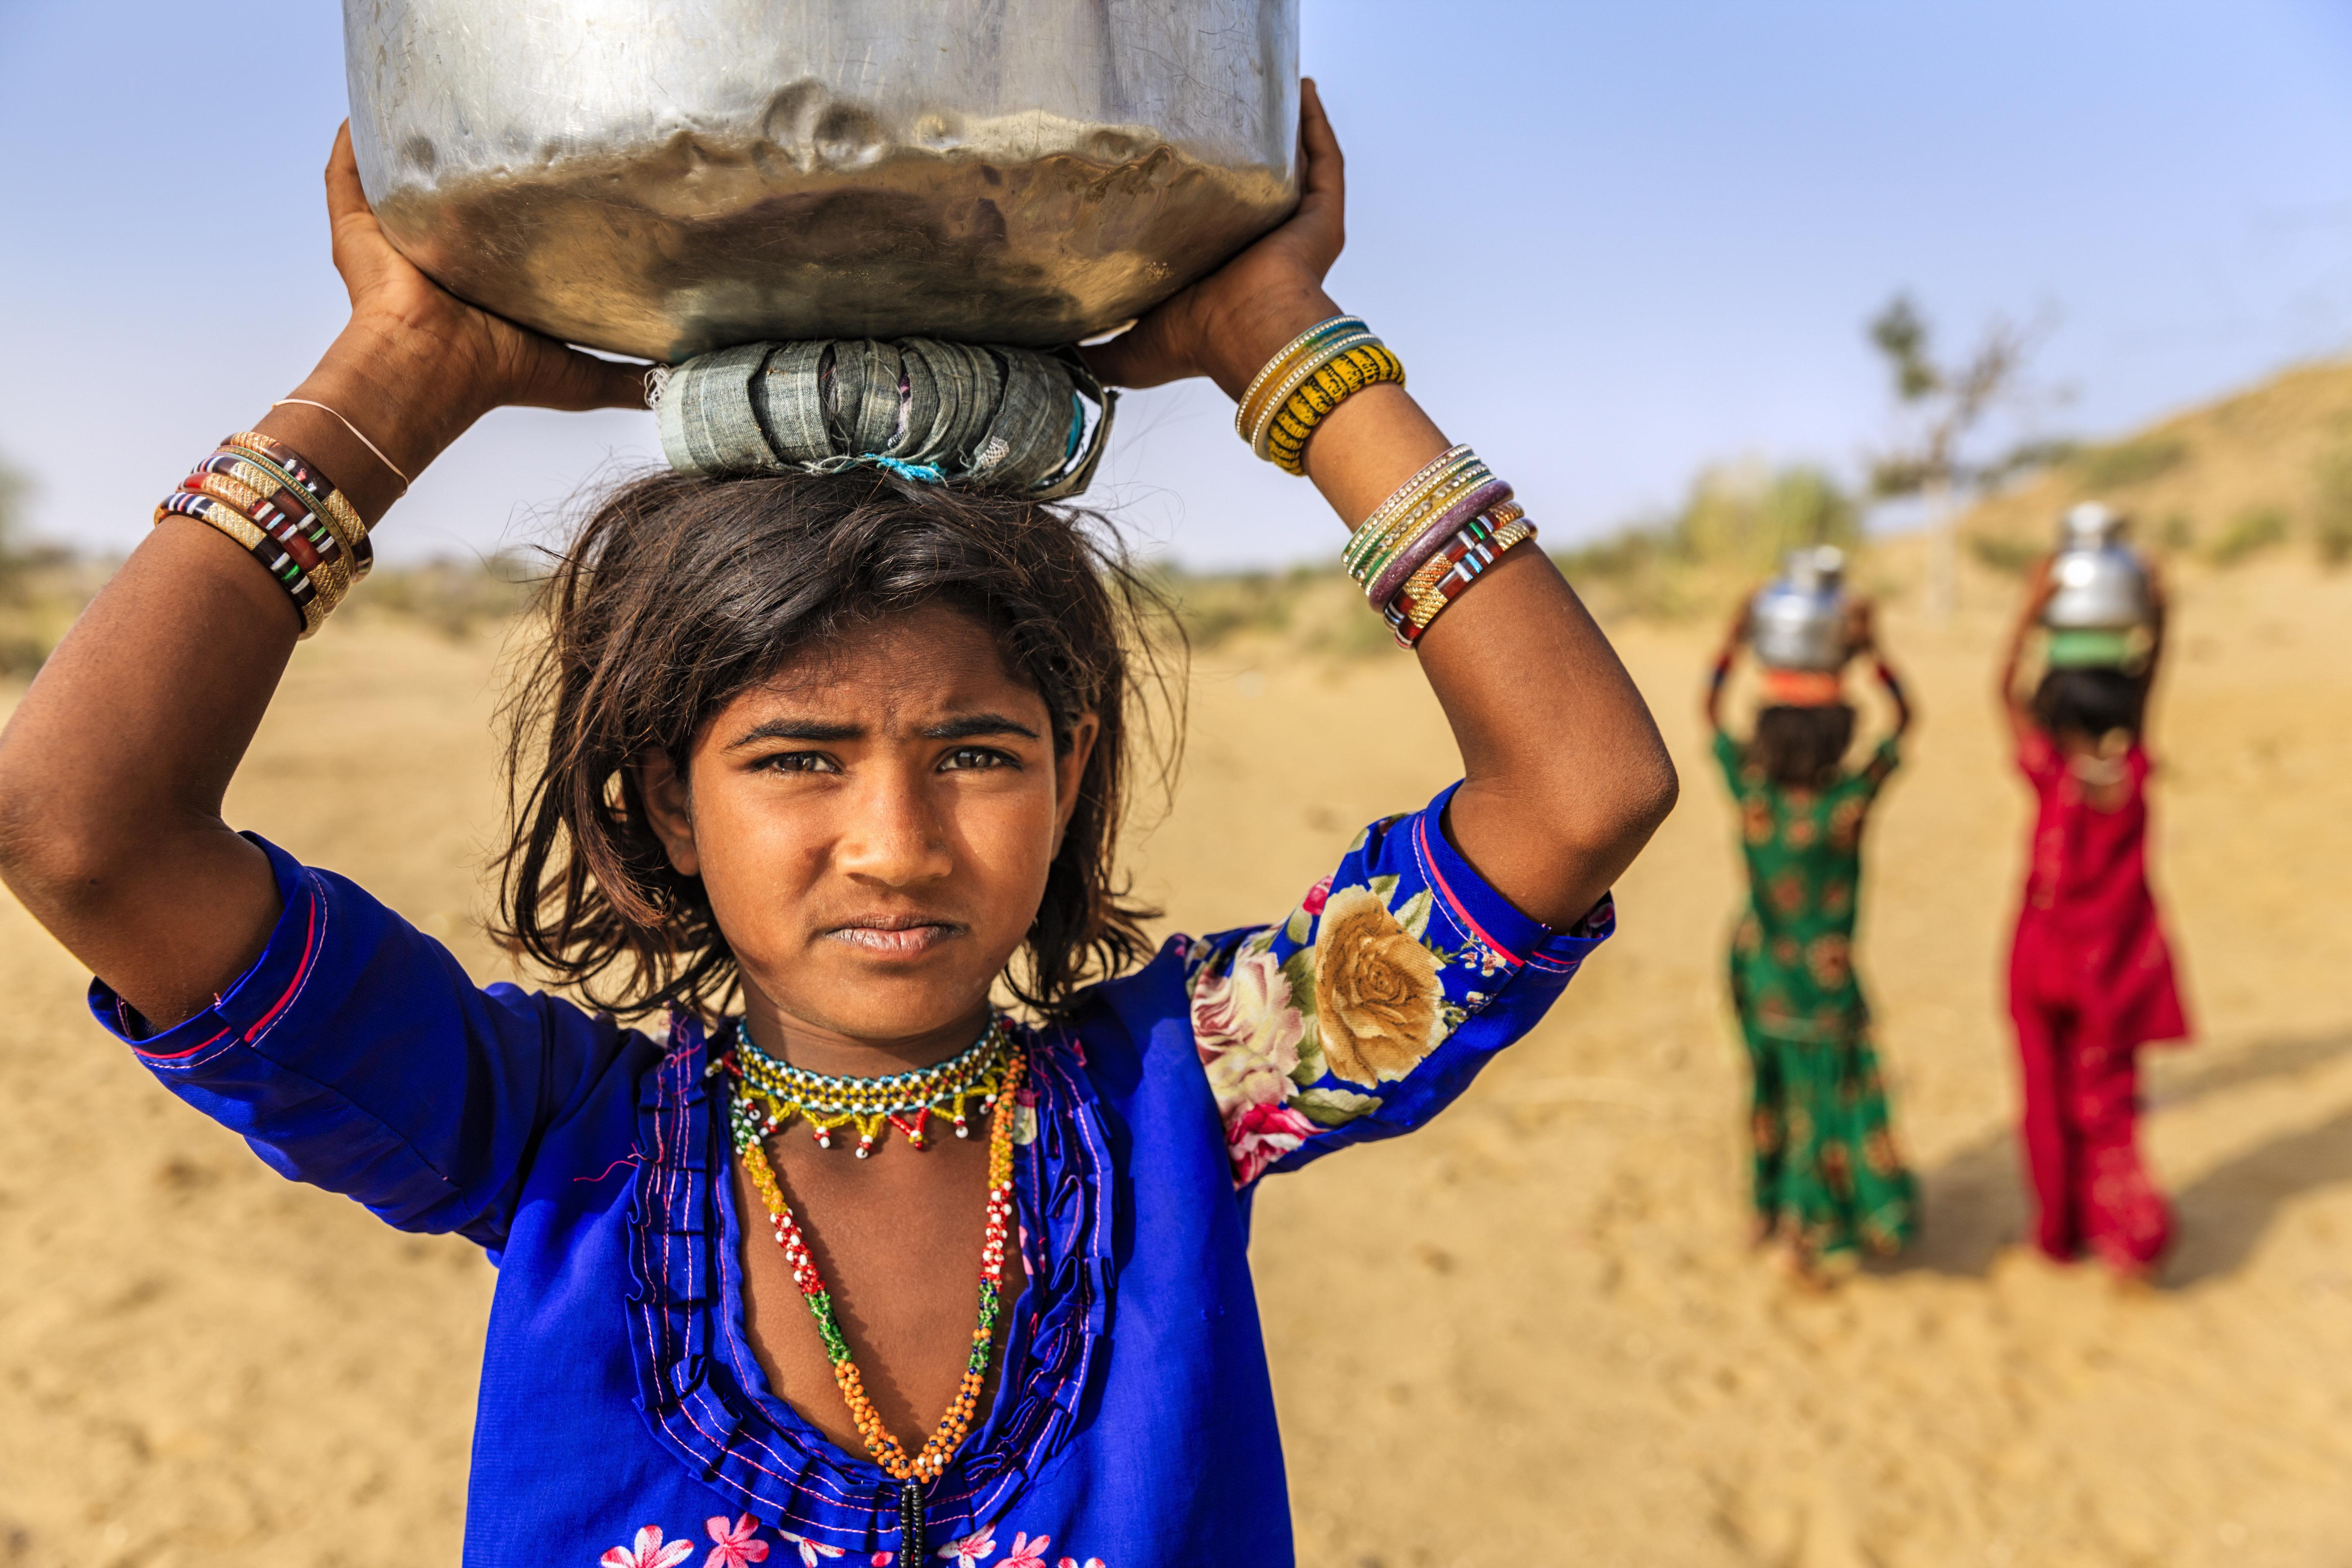 Στη βαθιά σεξιστική Ινδία, 239.000 κορίτσια πεθαίνουν κάθε χρόνο λόγω έλλειψης